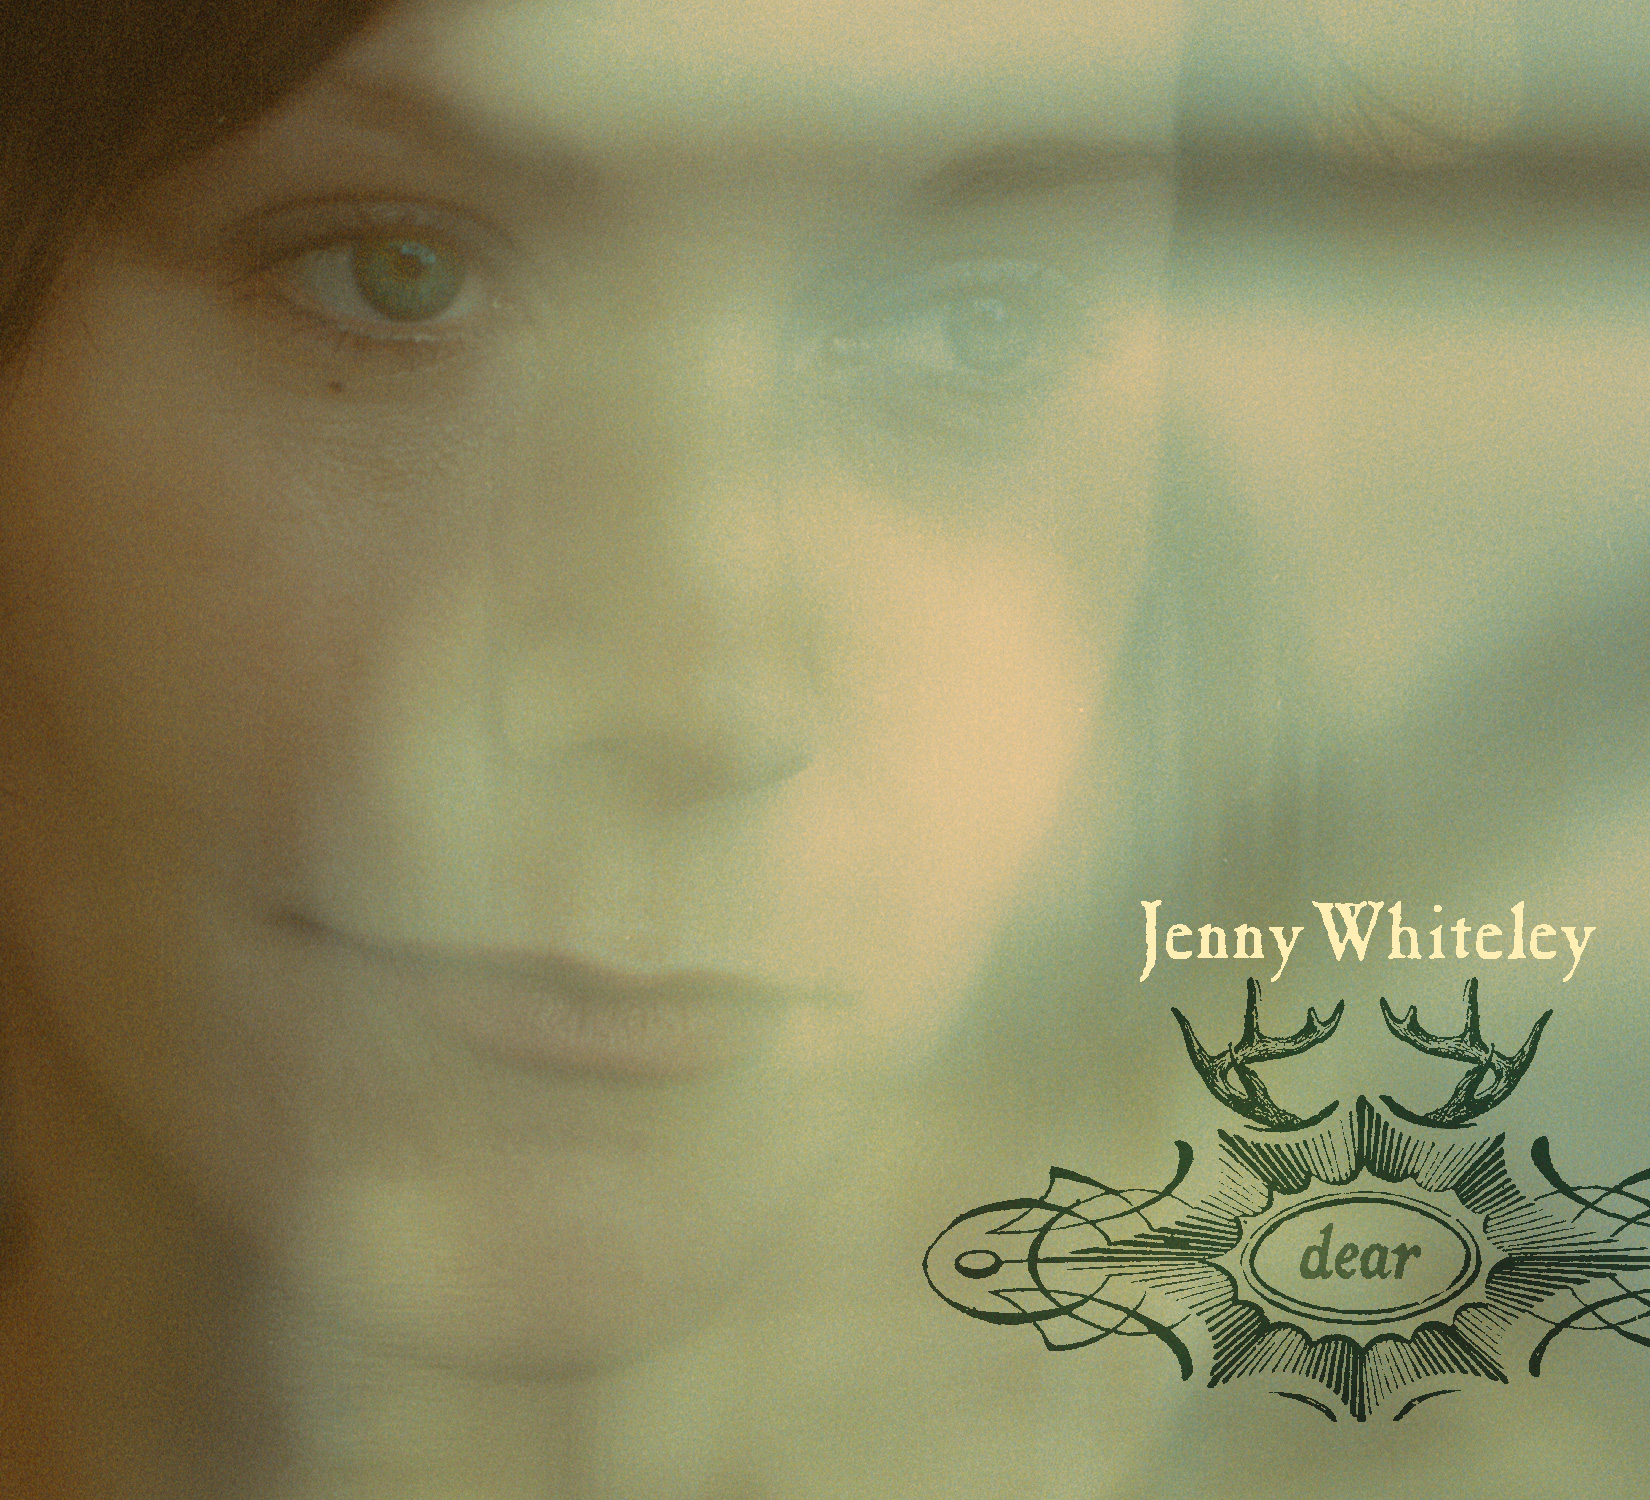 Dear (2006)